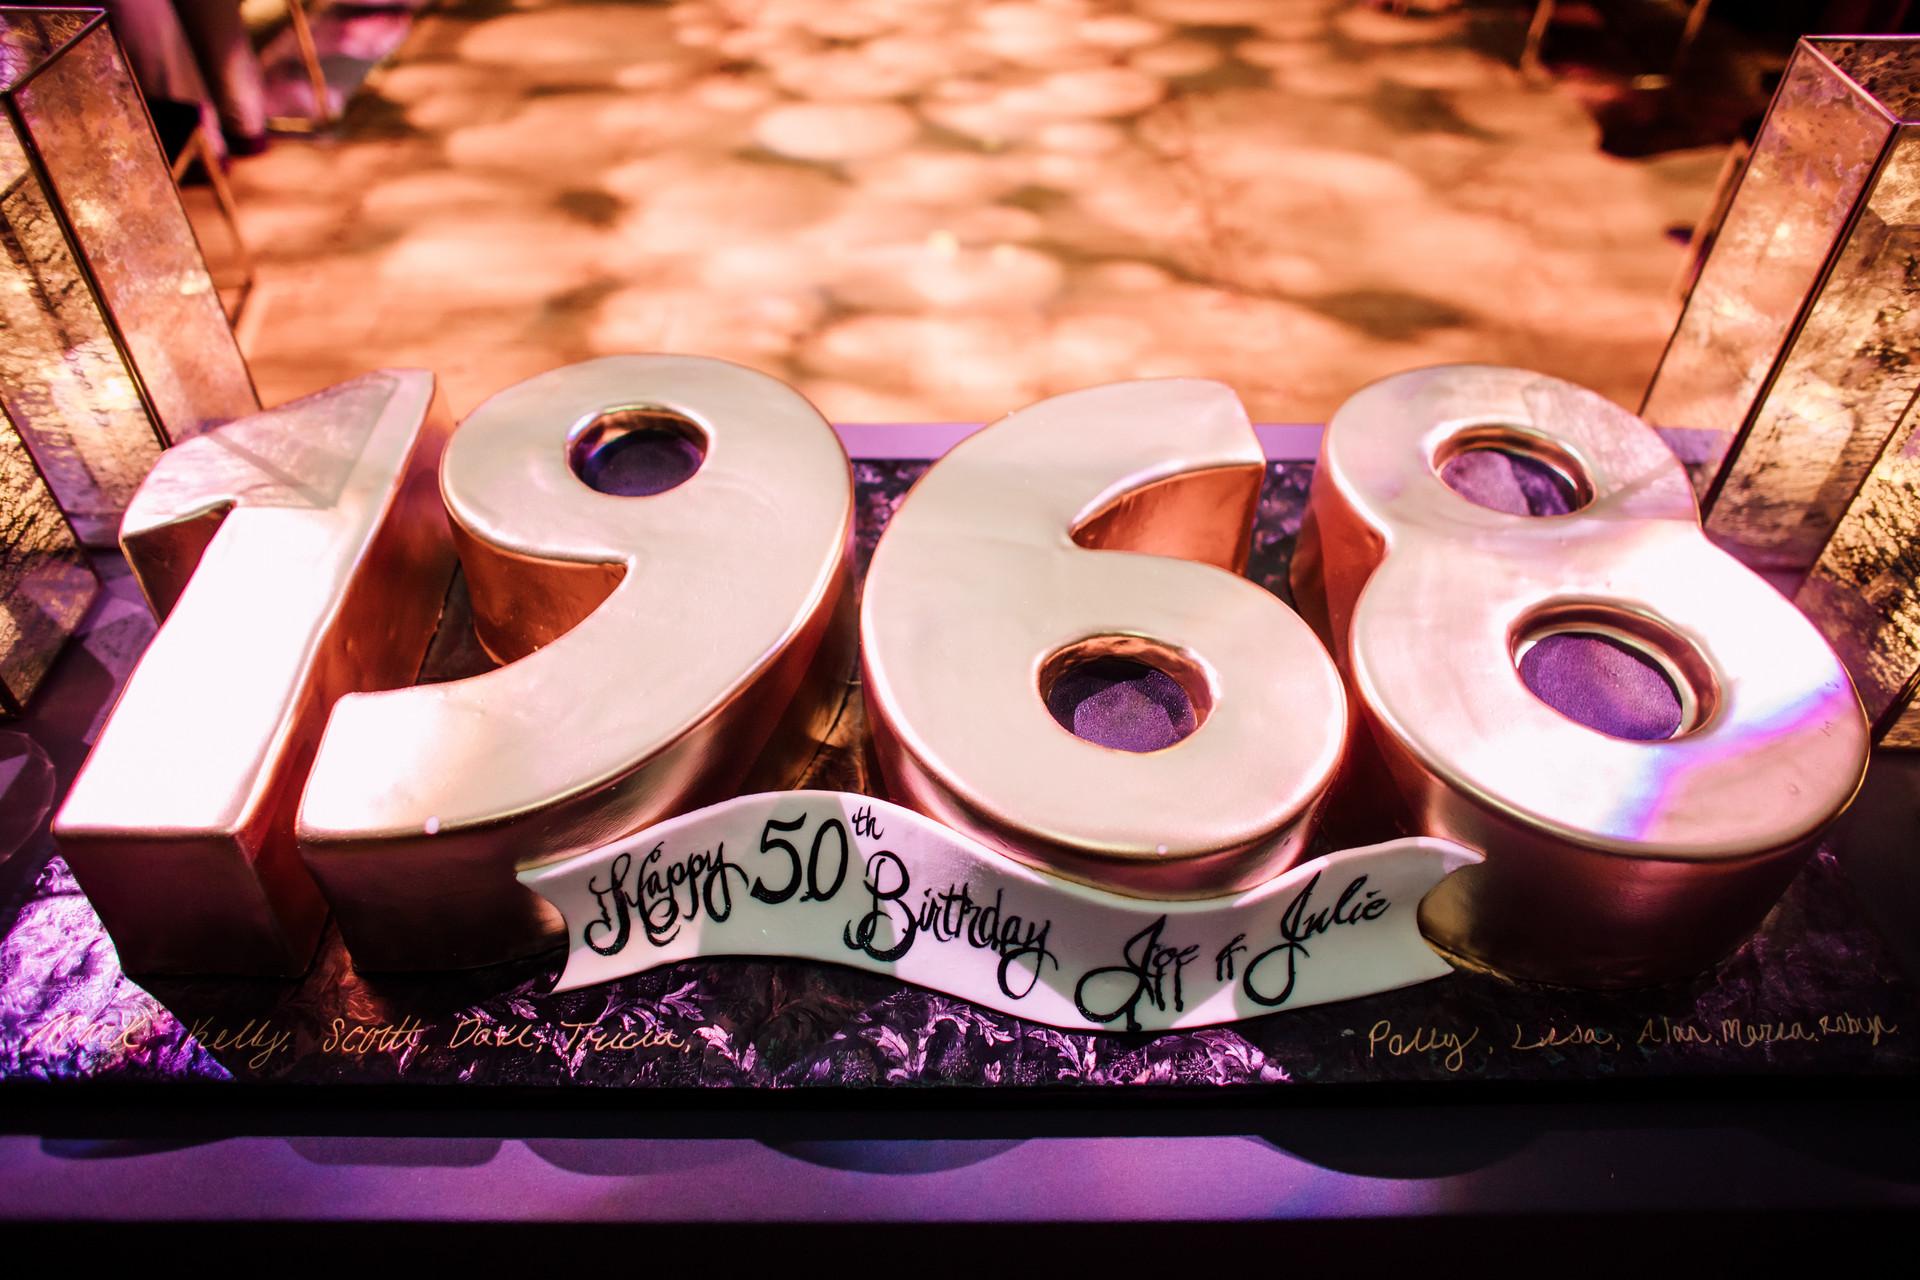 Bradley 50th Birthday_5.jpg